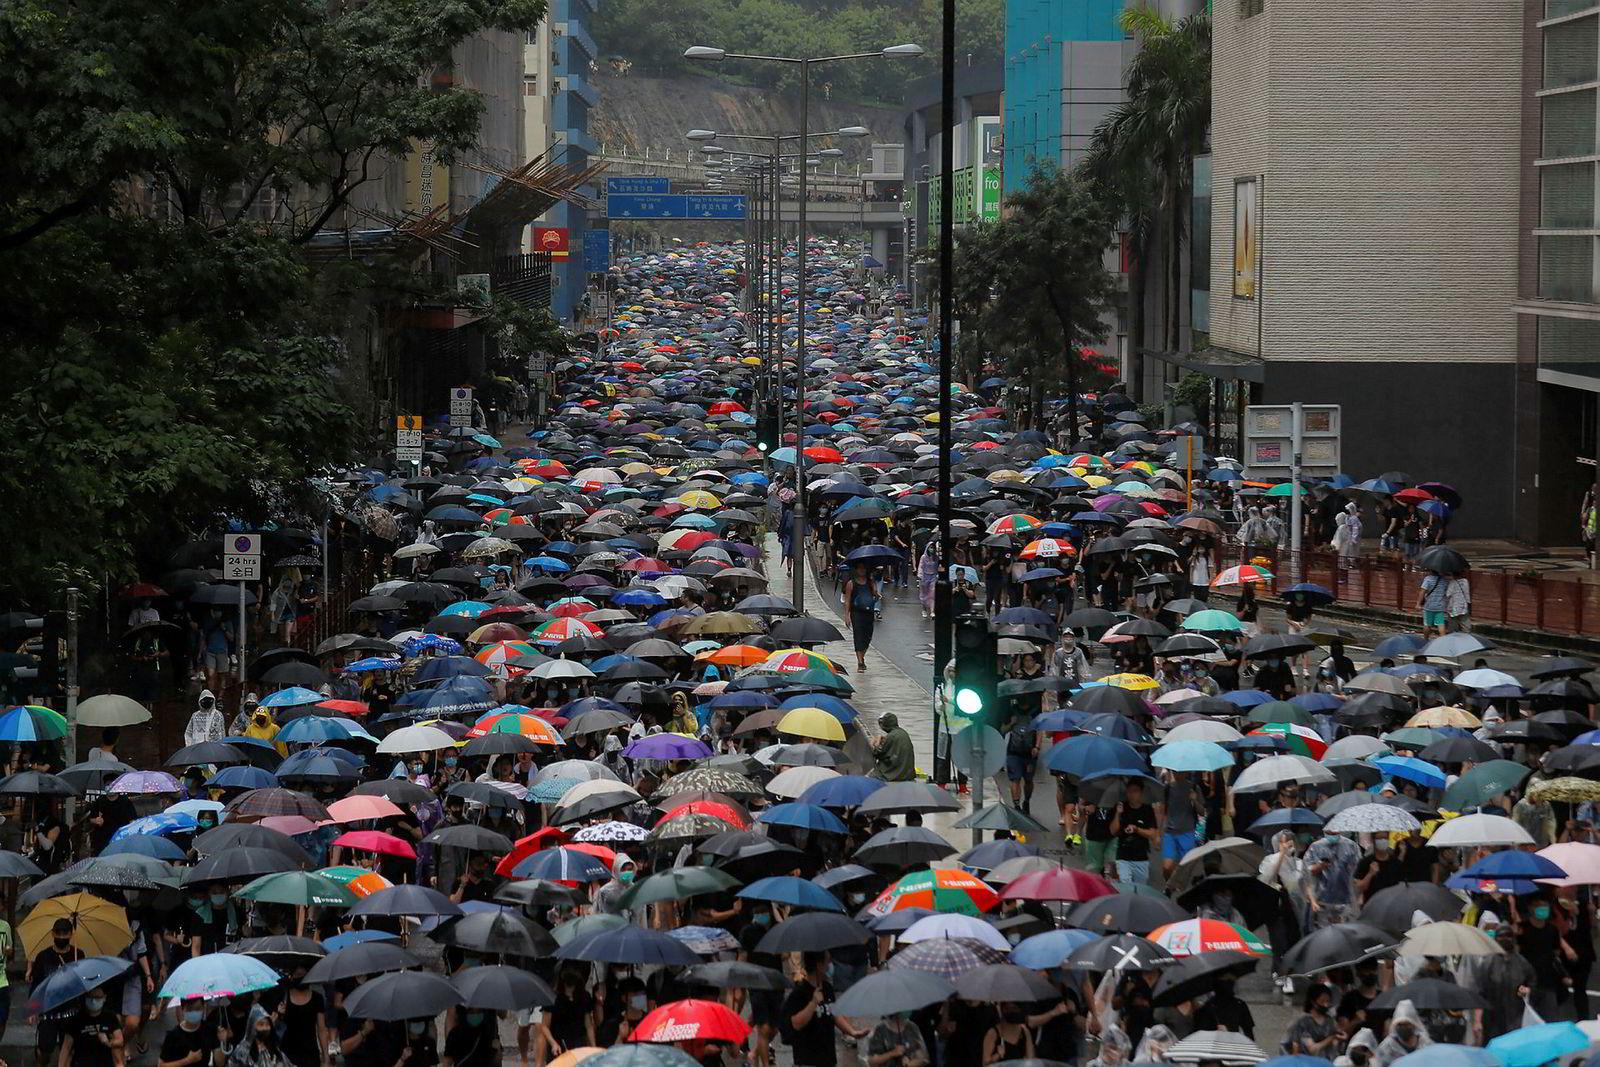 Tusenvis av demonstranter tok til gatene søndag i Hongkong. Paraplyene beskyttet demonstrantene mot regnet, men mange brukte de også som skjold mot politiets tåregass. Søndag benyttet politiet seg for første gang av vannkanoner i et forsøk på å bryte opp demonstrasjonene.